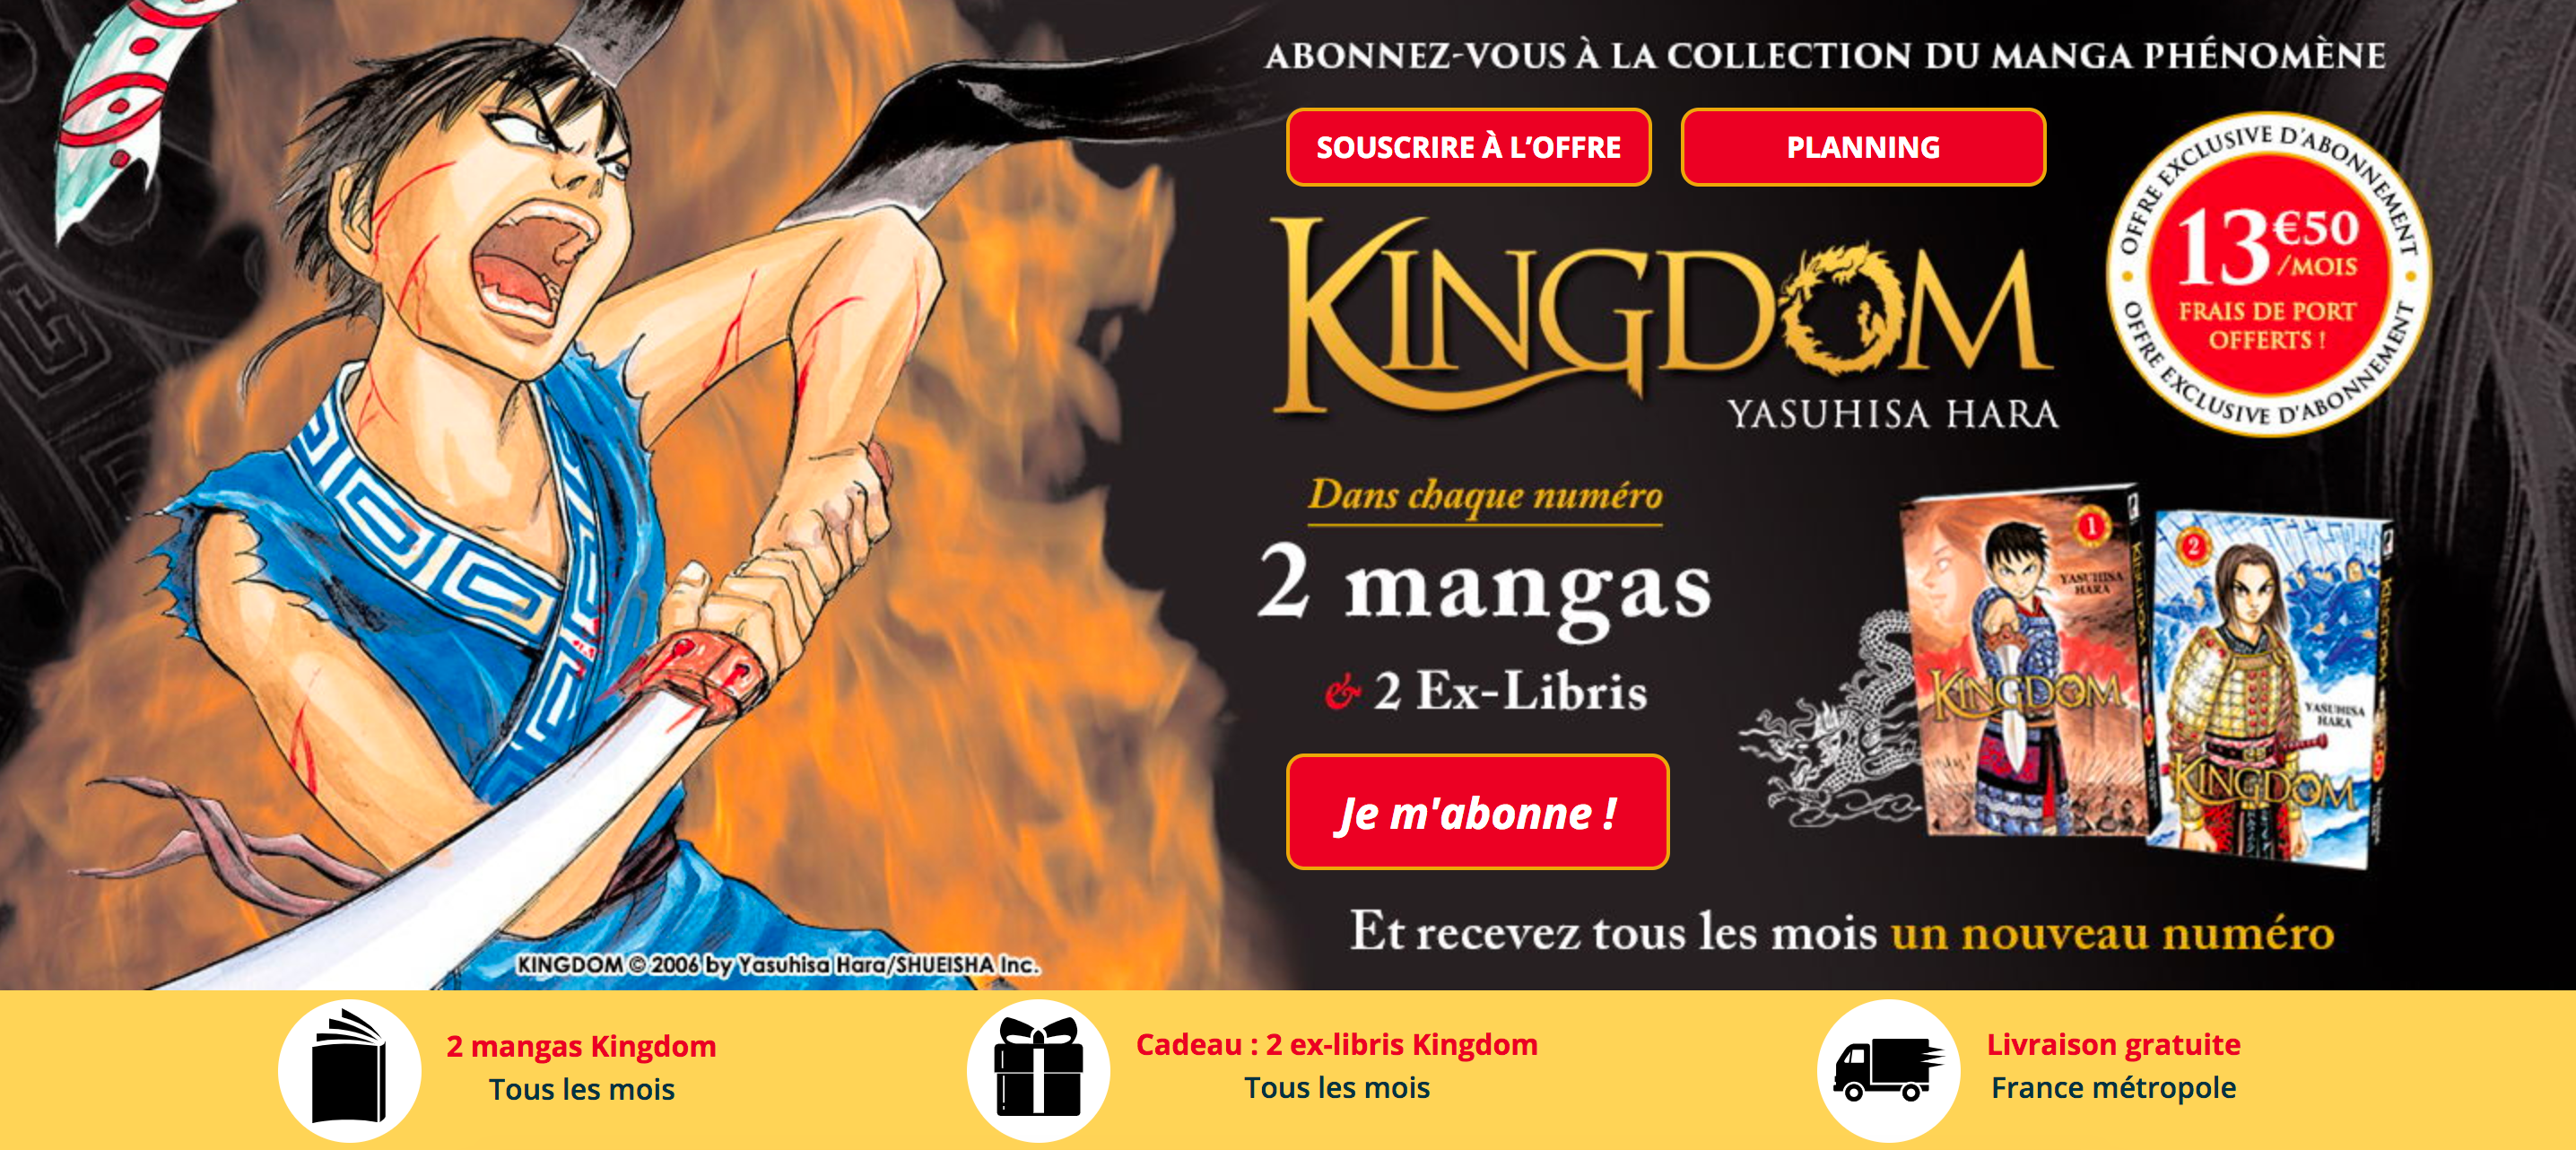 Kingdom bannière 2